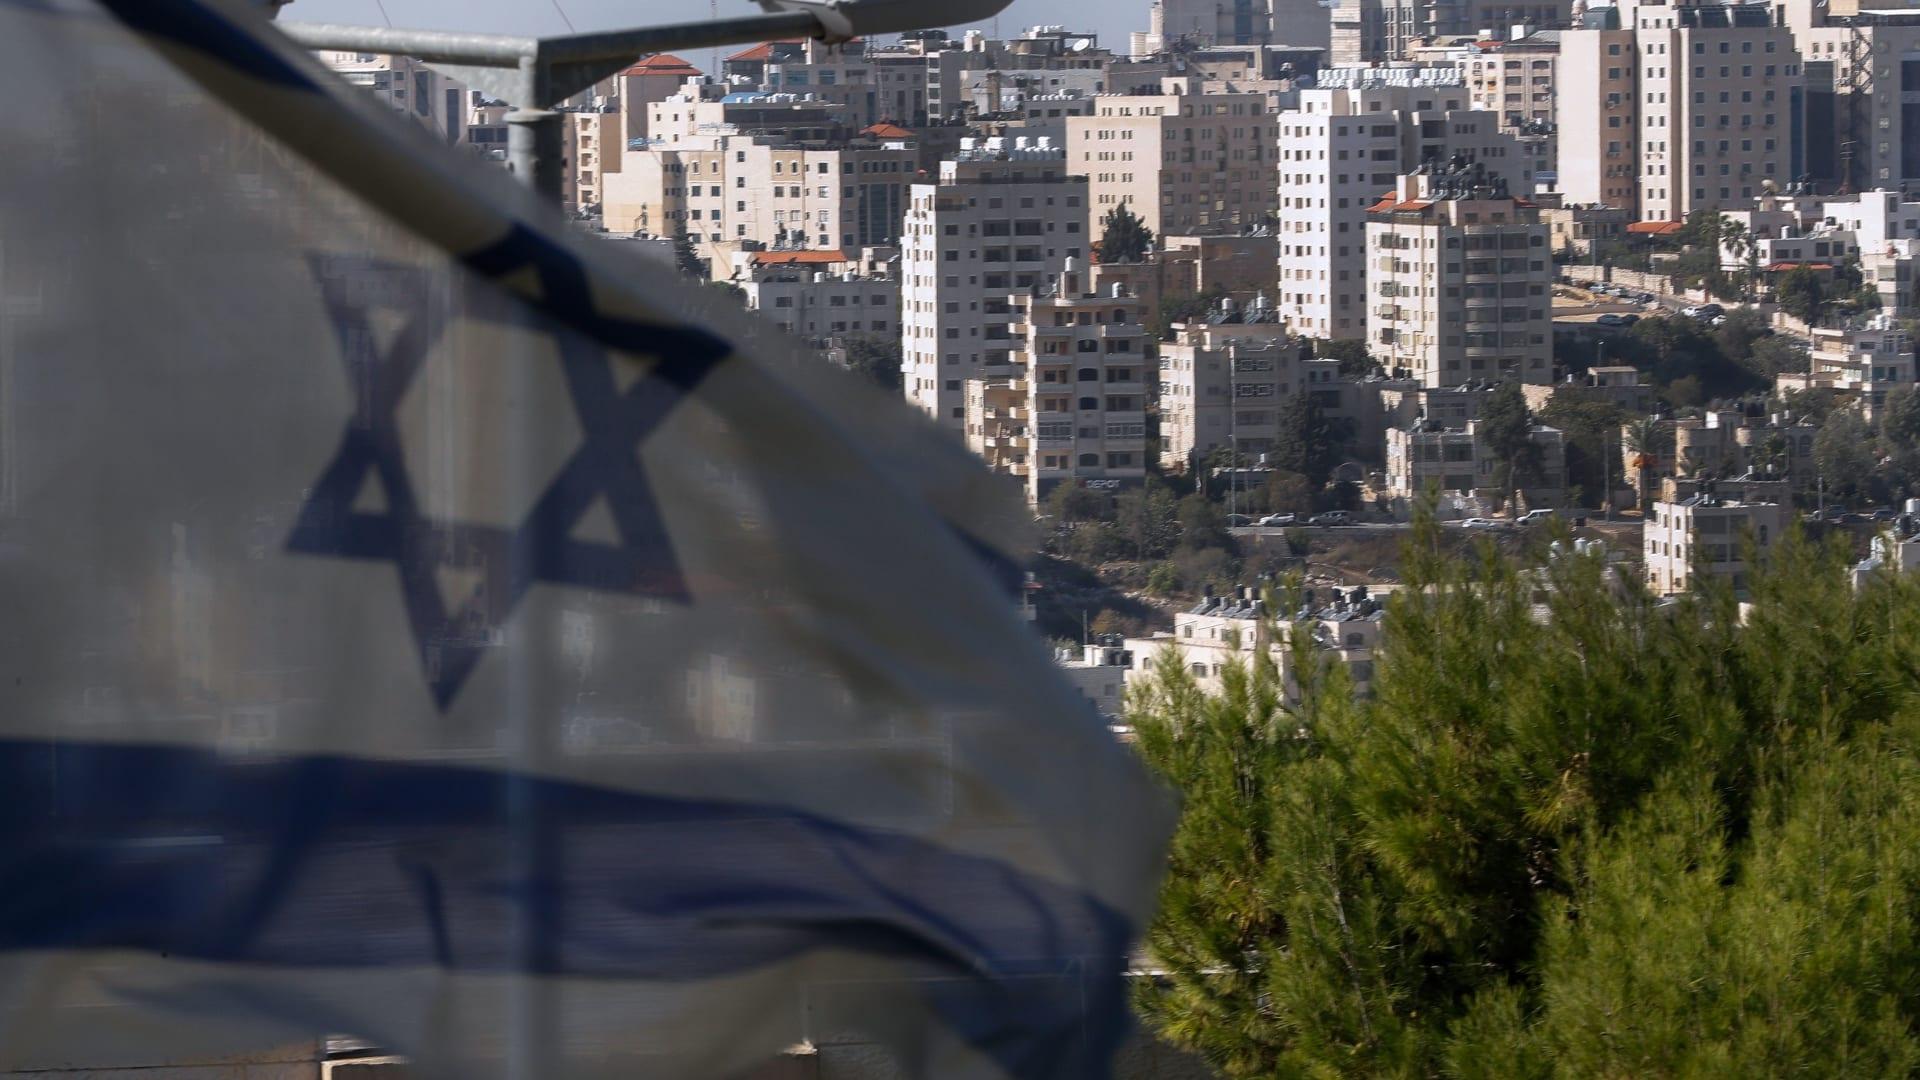 السعودية ترفض التصريحات الأمريكية بشأن المستوطنات الإسرائيلية في الضفة الغربية